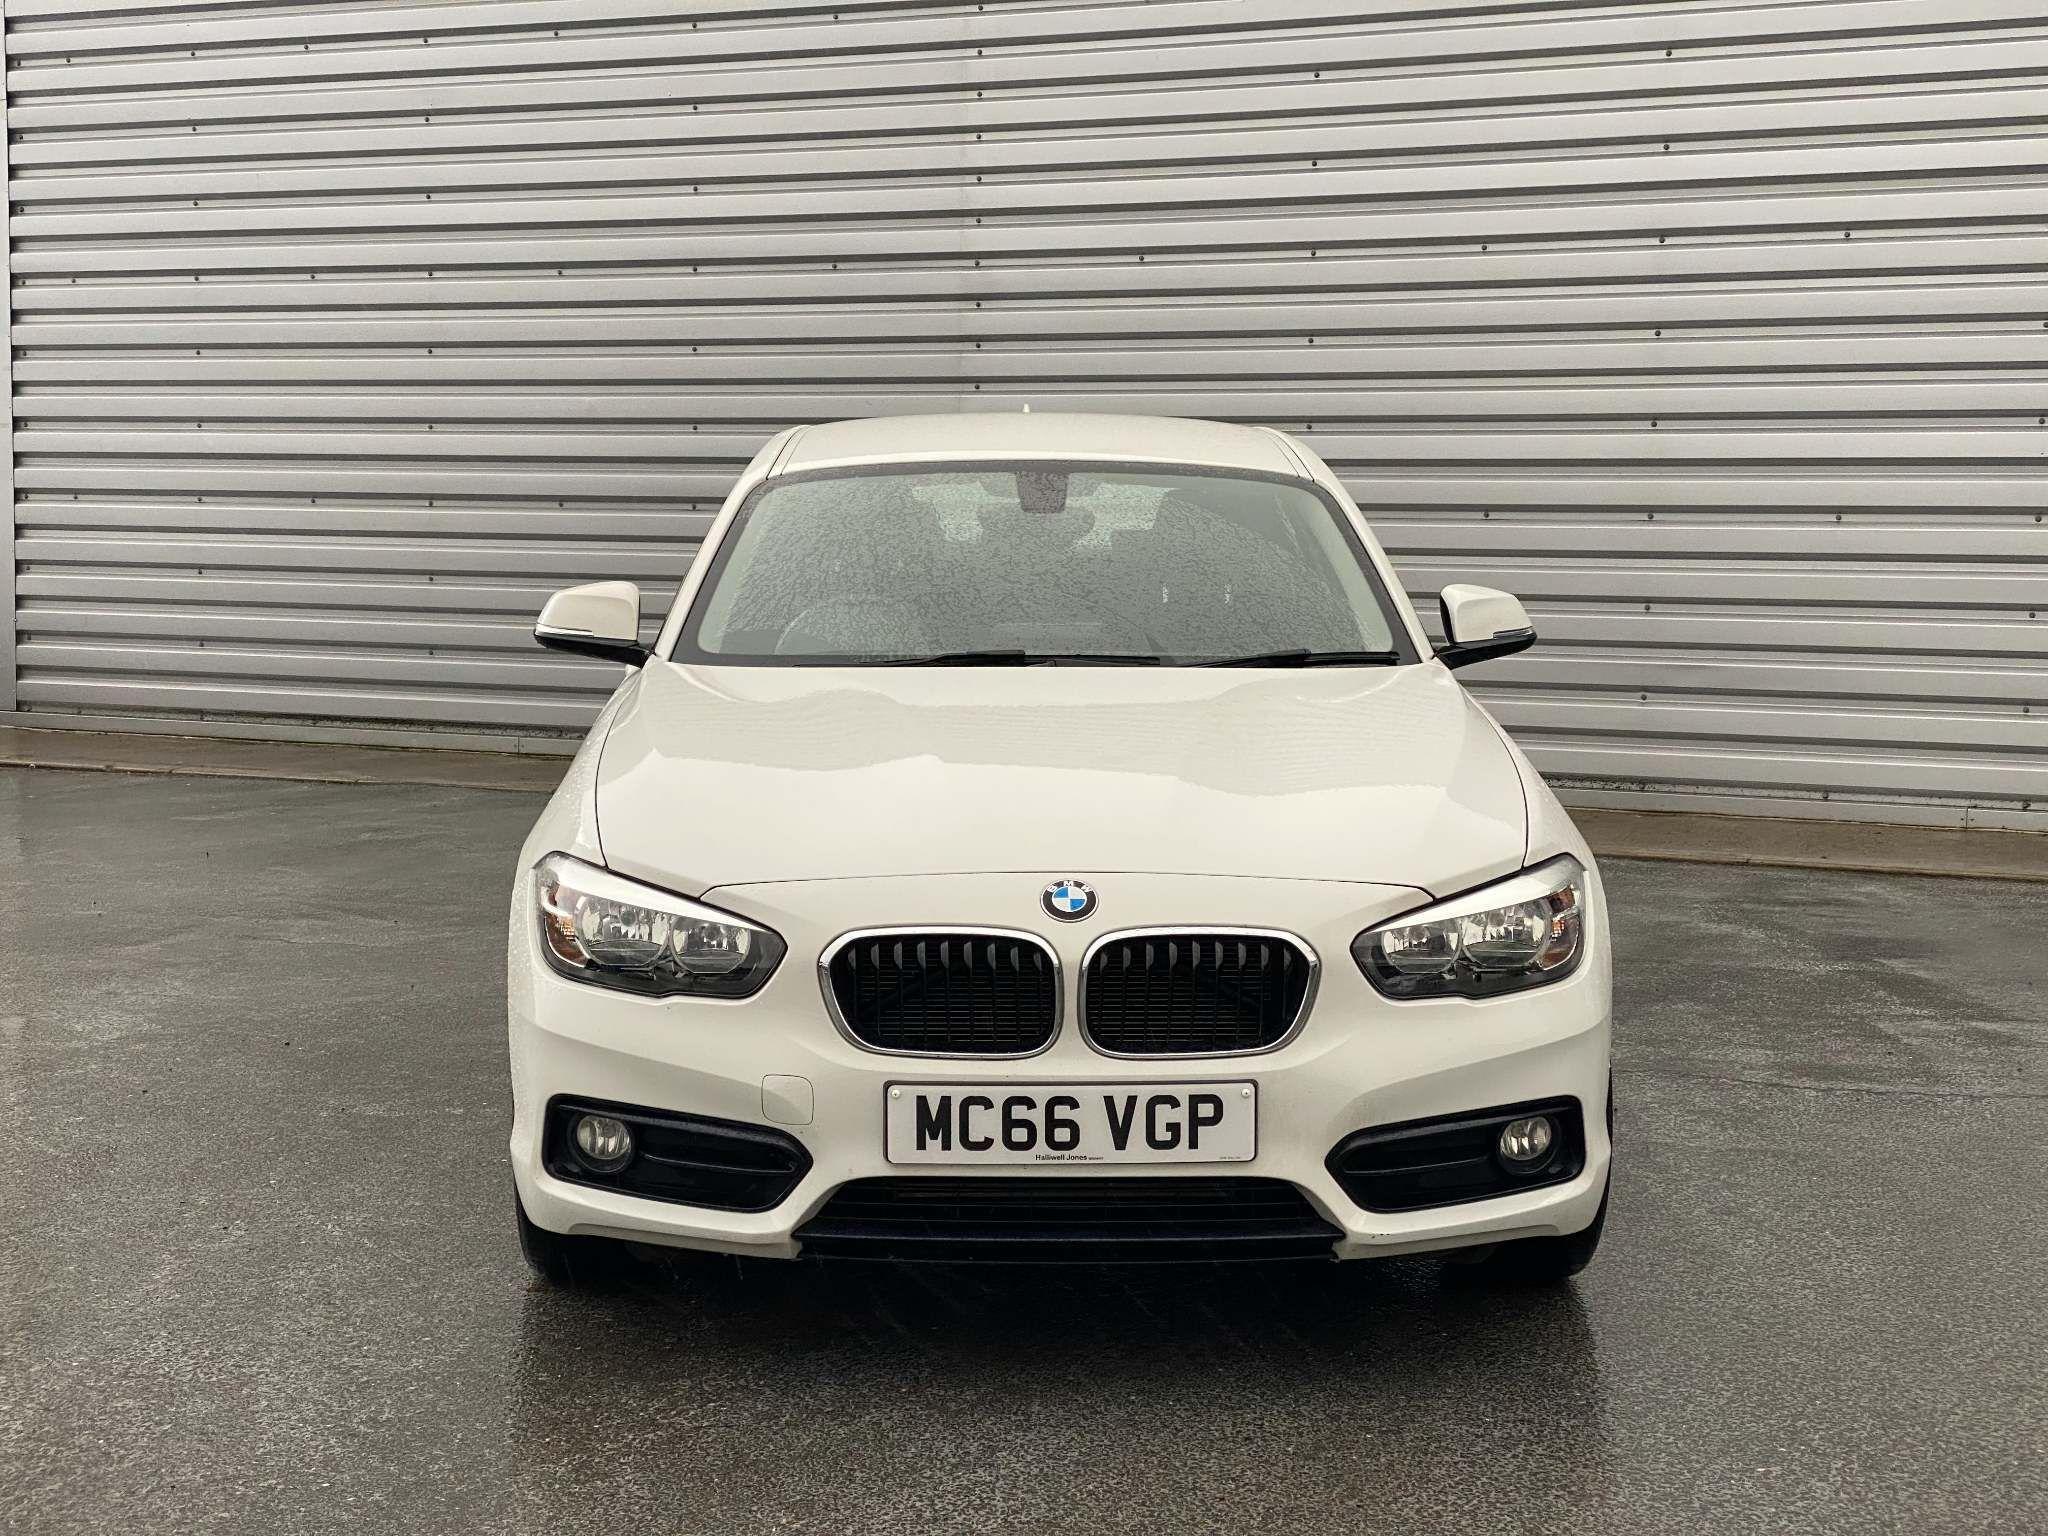 Image 4 - BMW 118i Sport 5-Door (MC66VGP)